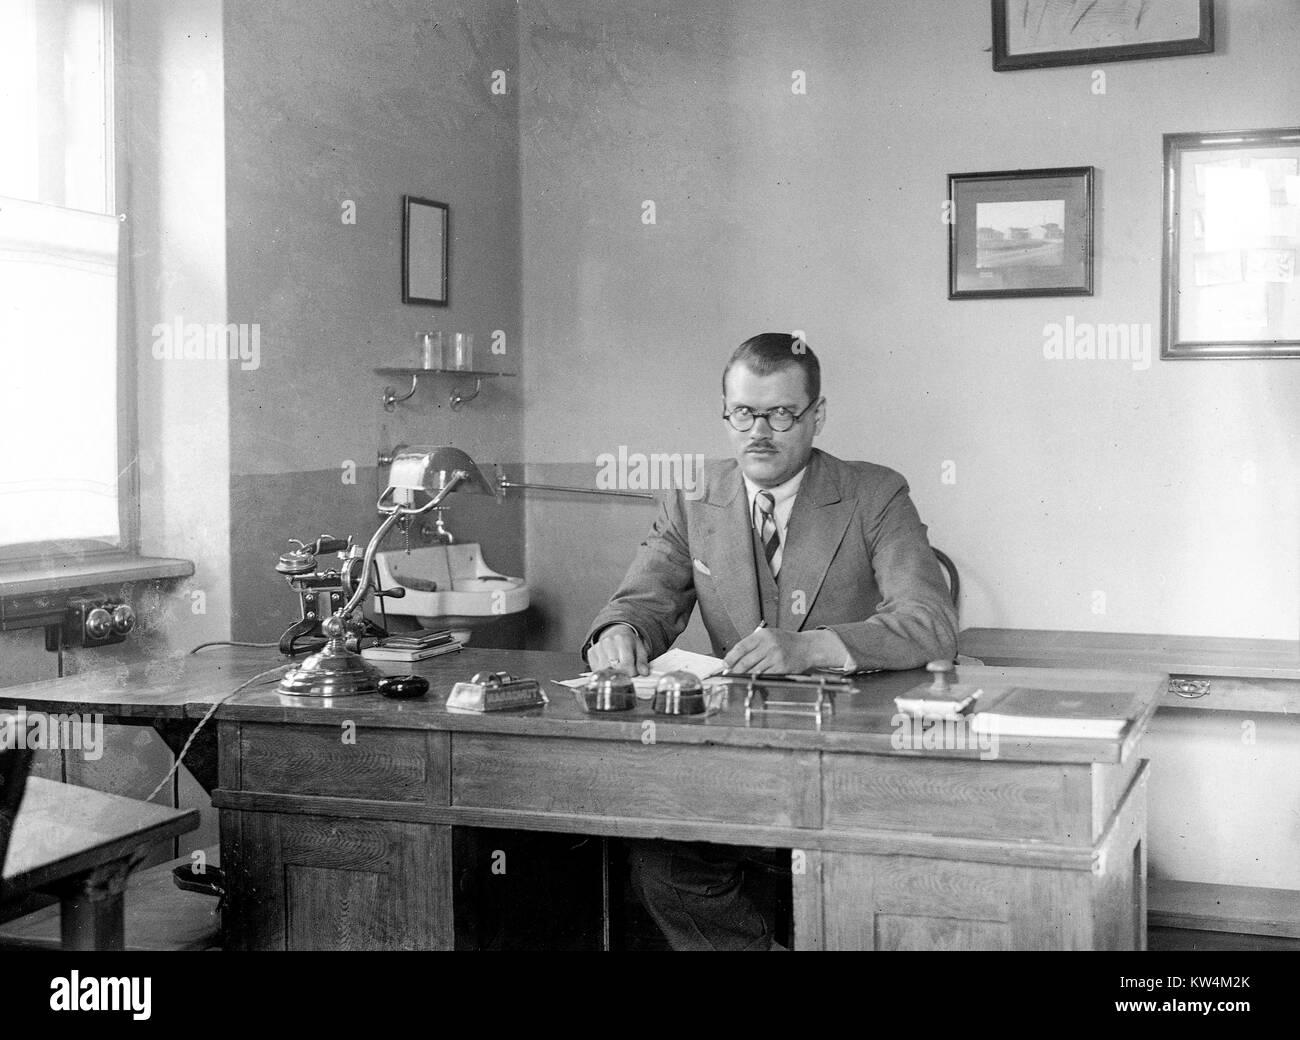 Ein Mann mit kurzen Haaren, runde Brille, eine konservative Anzug ...